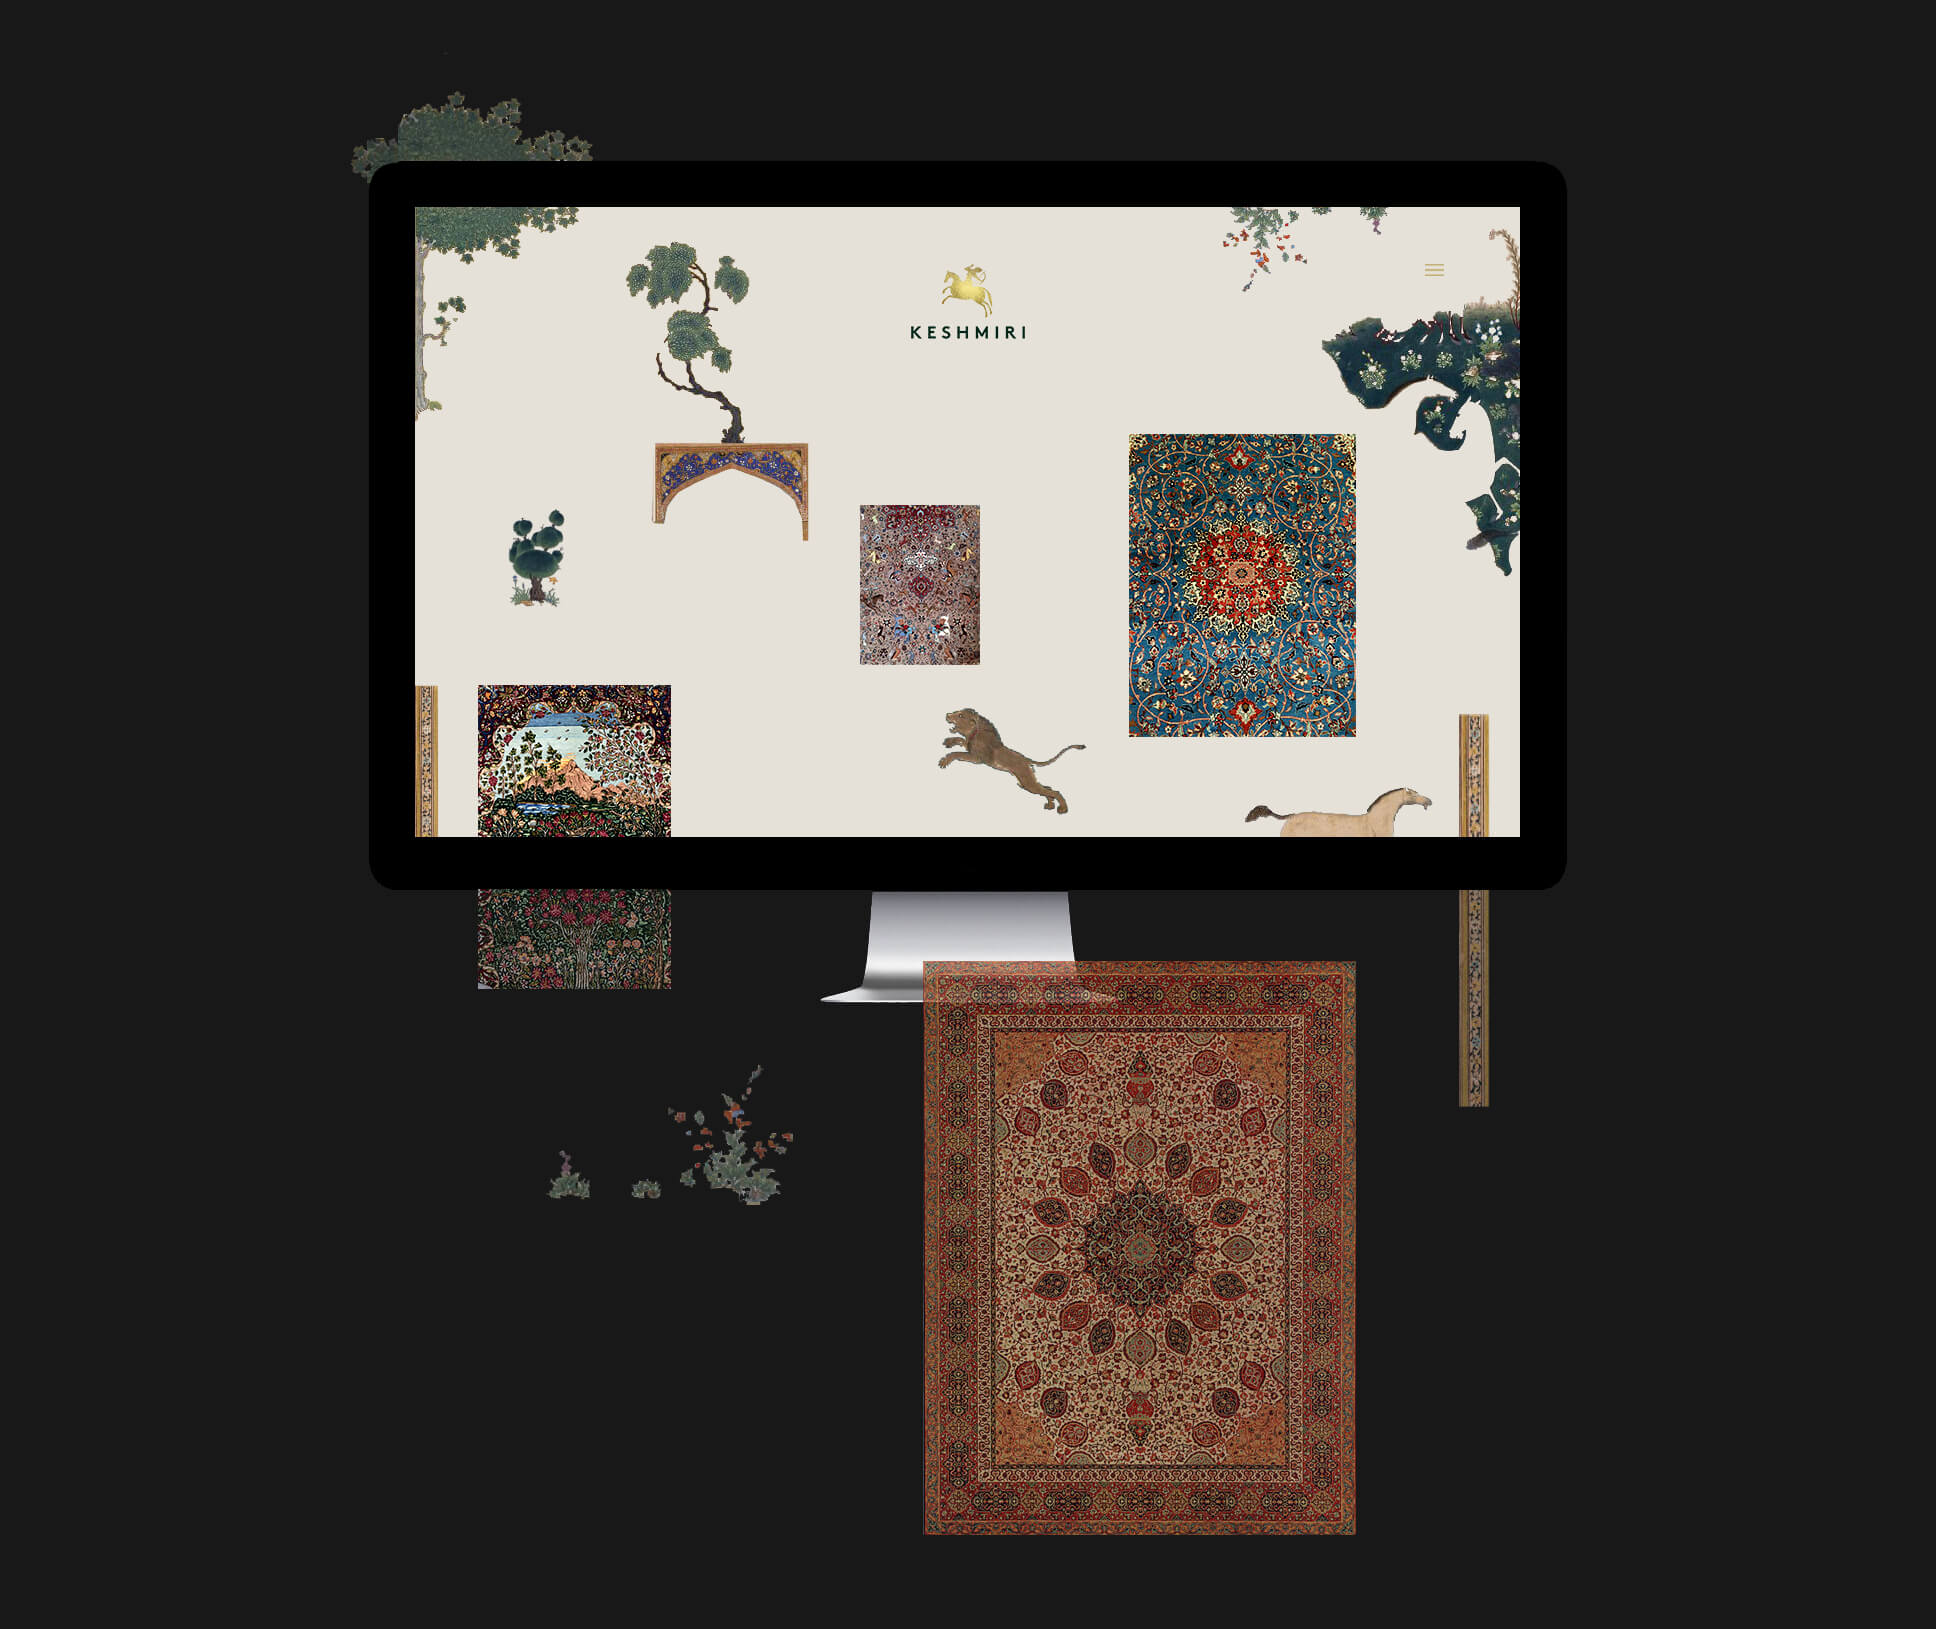 Extended_Keshmiri-Website-Concept_Images_MR